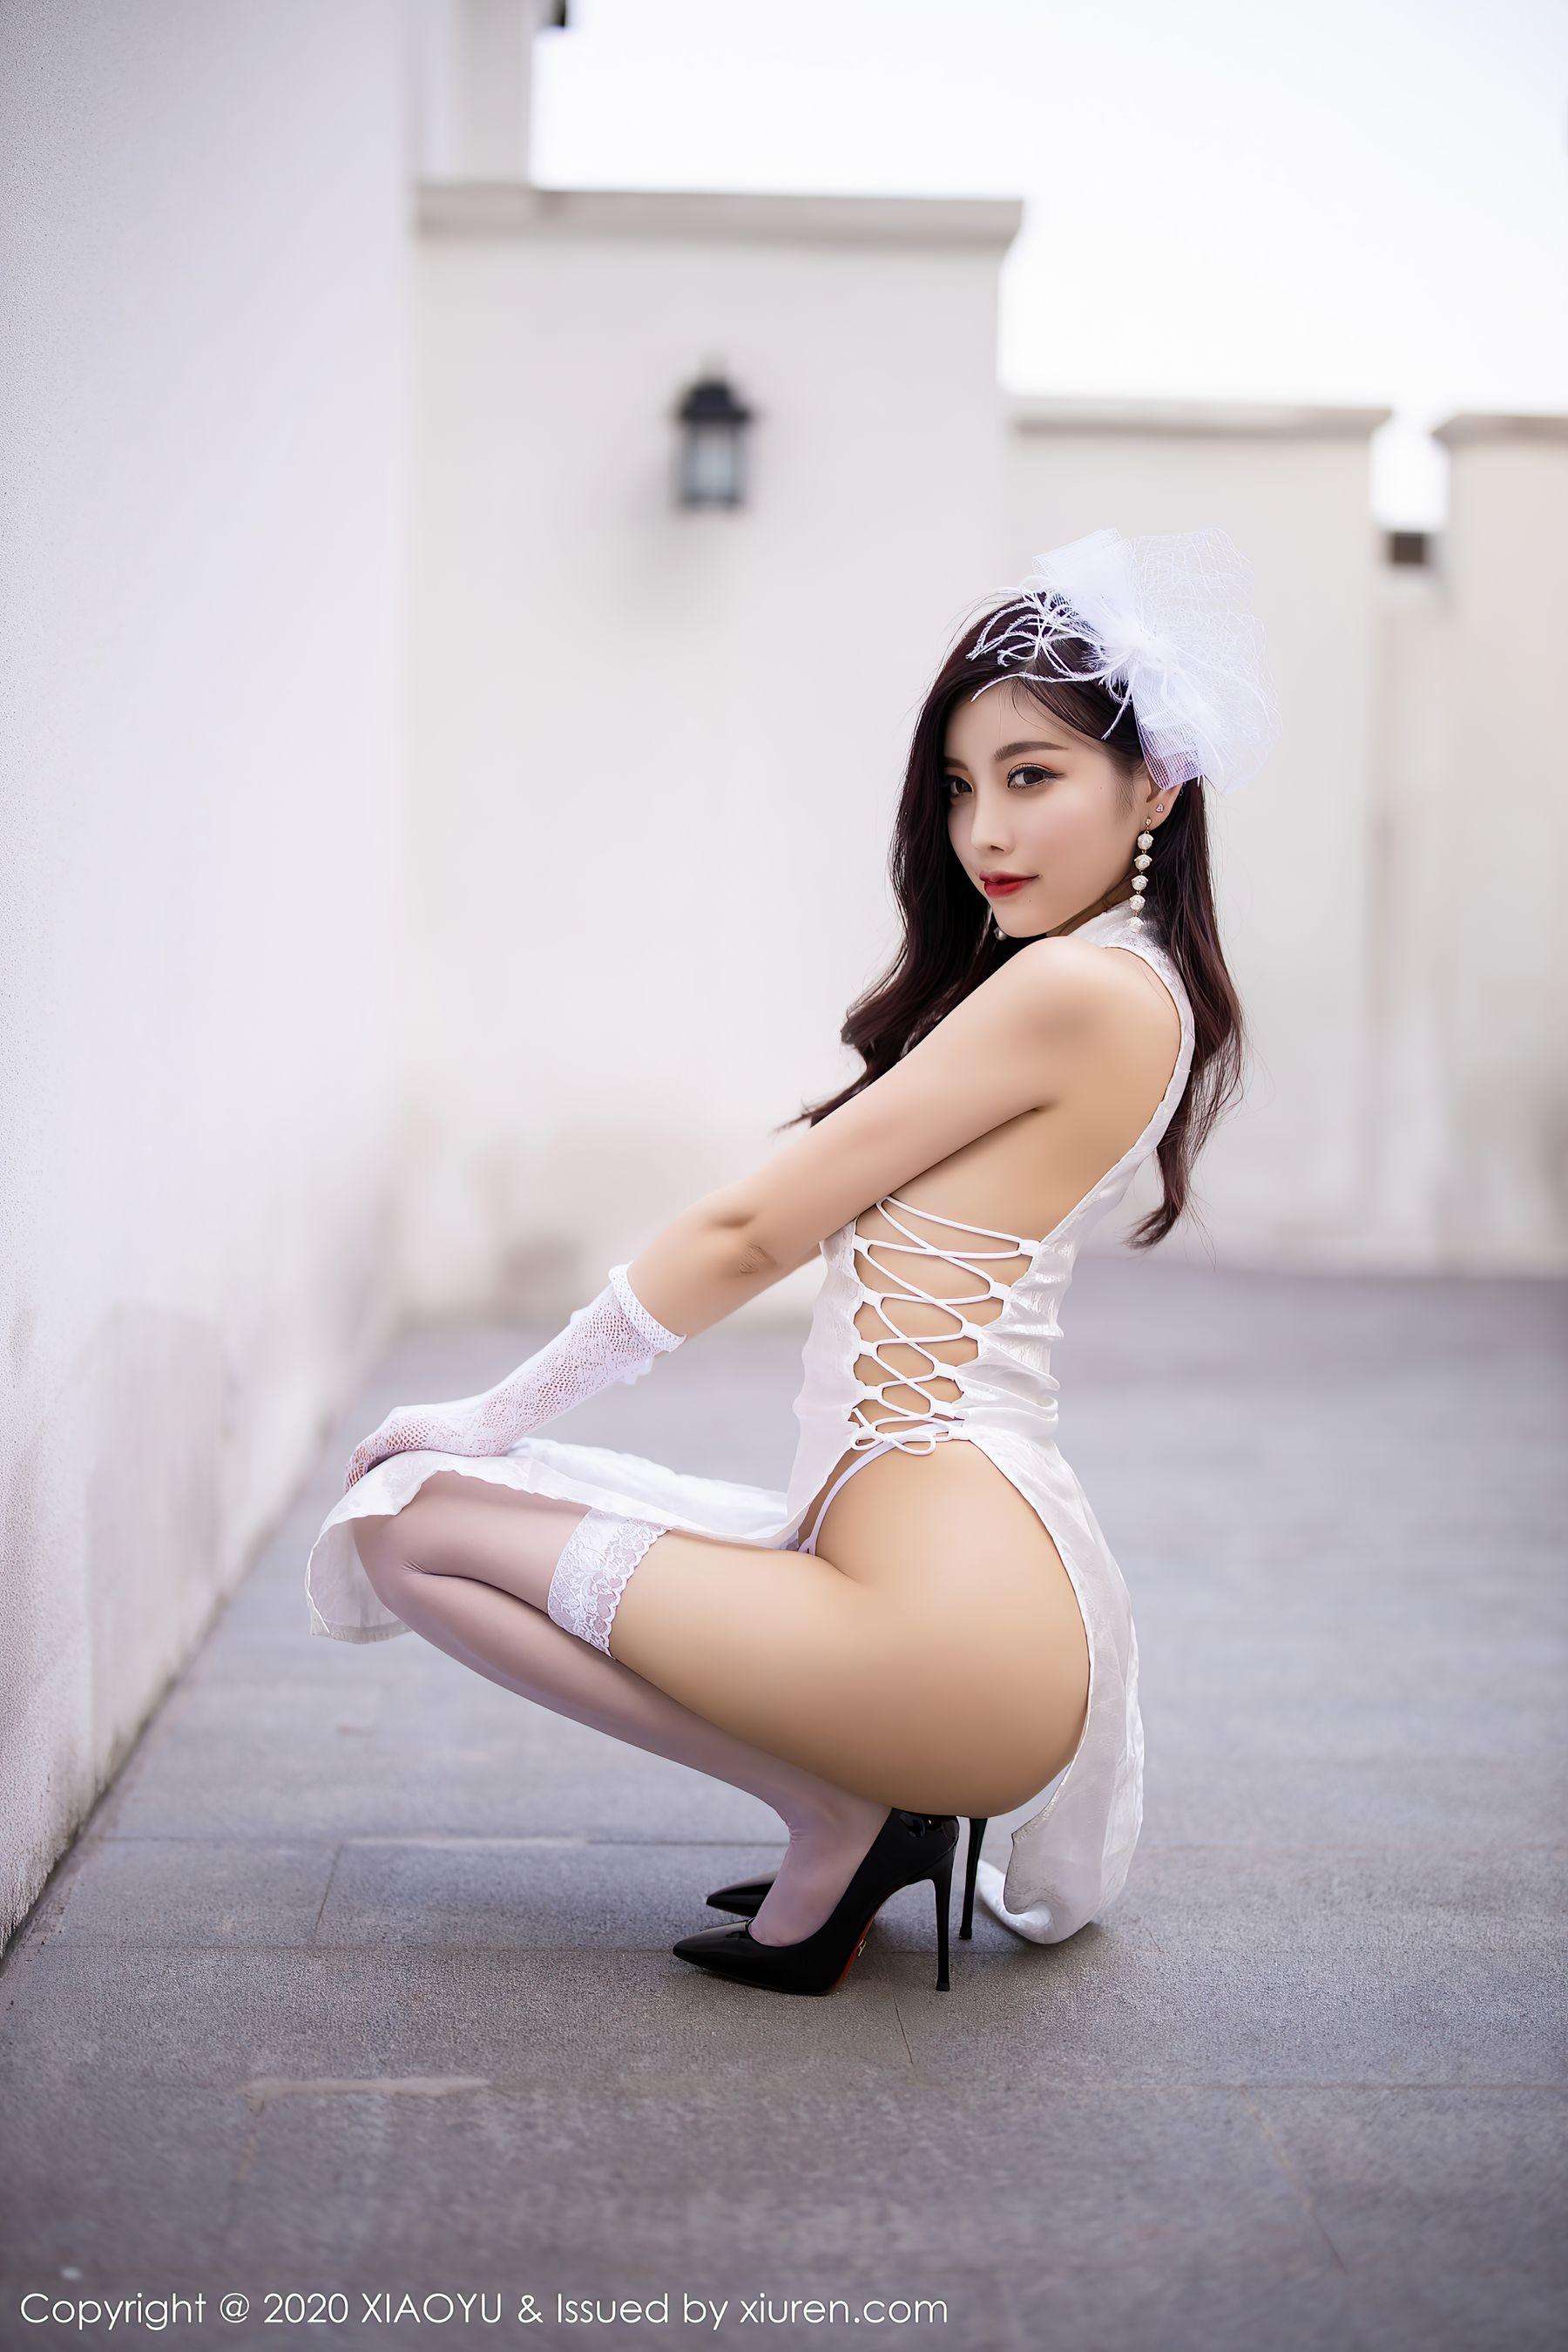 图片[12] - [语画界XIAOYU] Vol.403 杨晨晨sugar - 唯独你没懂